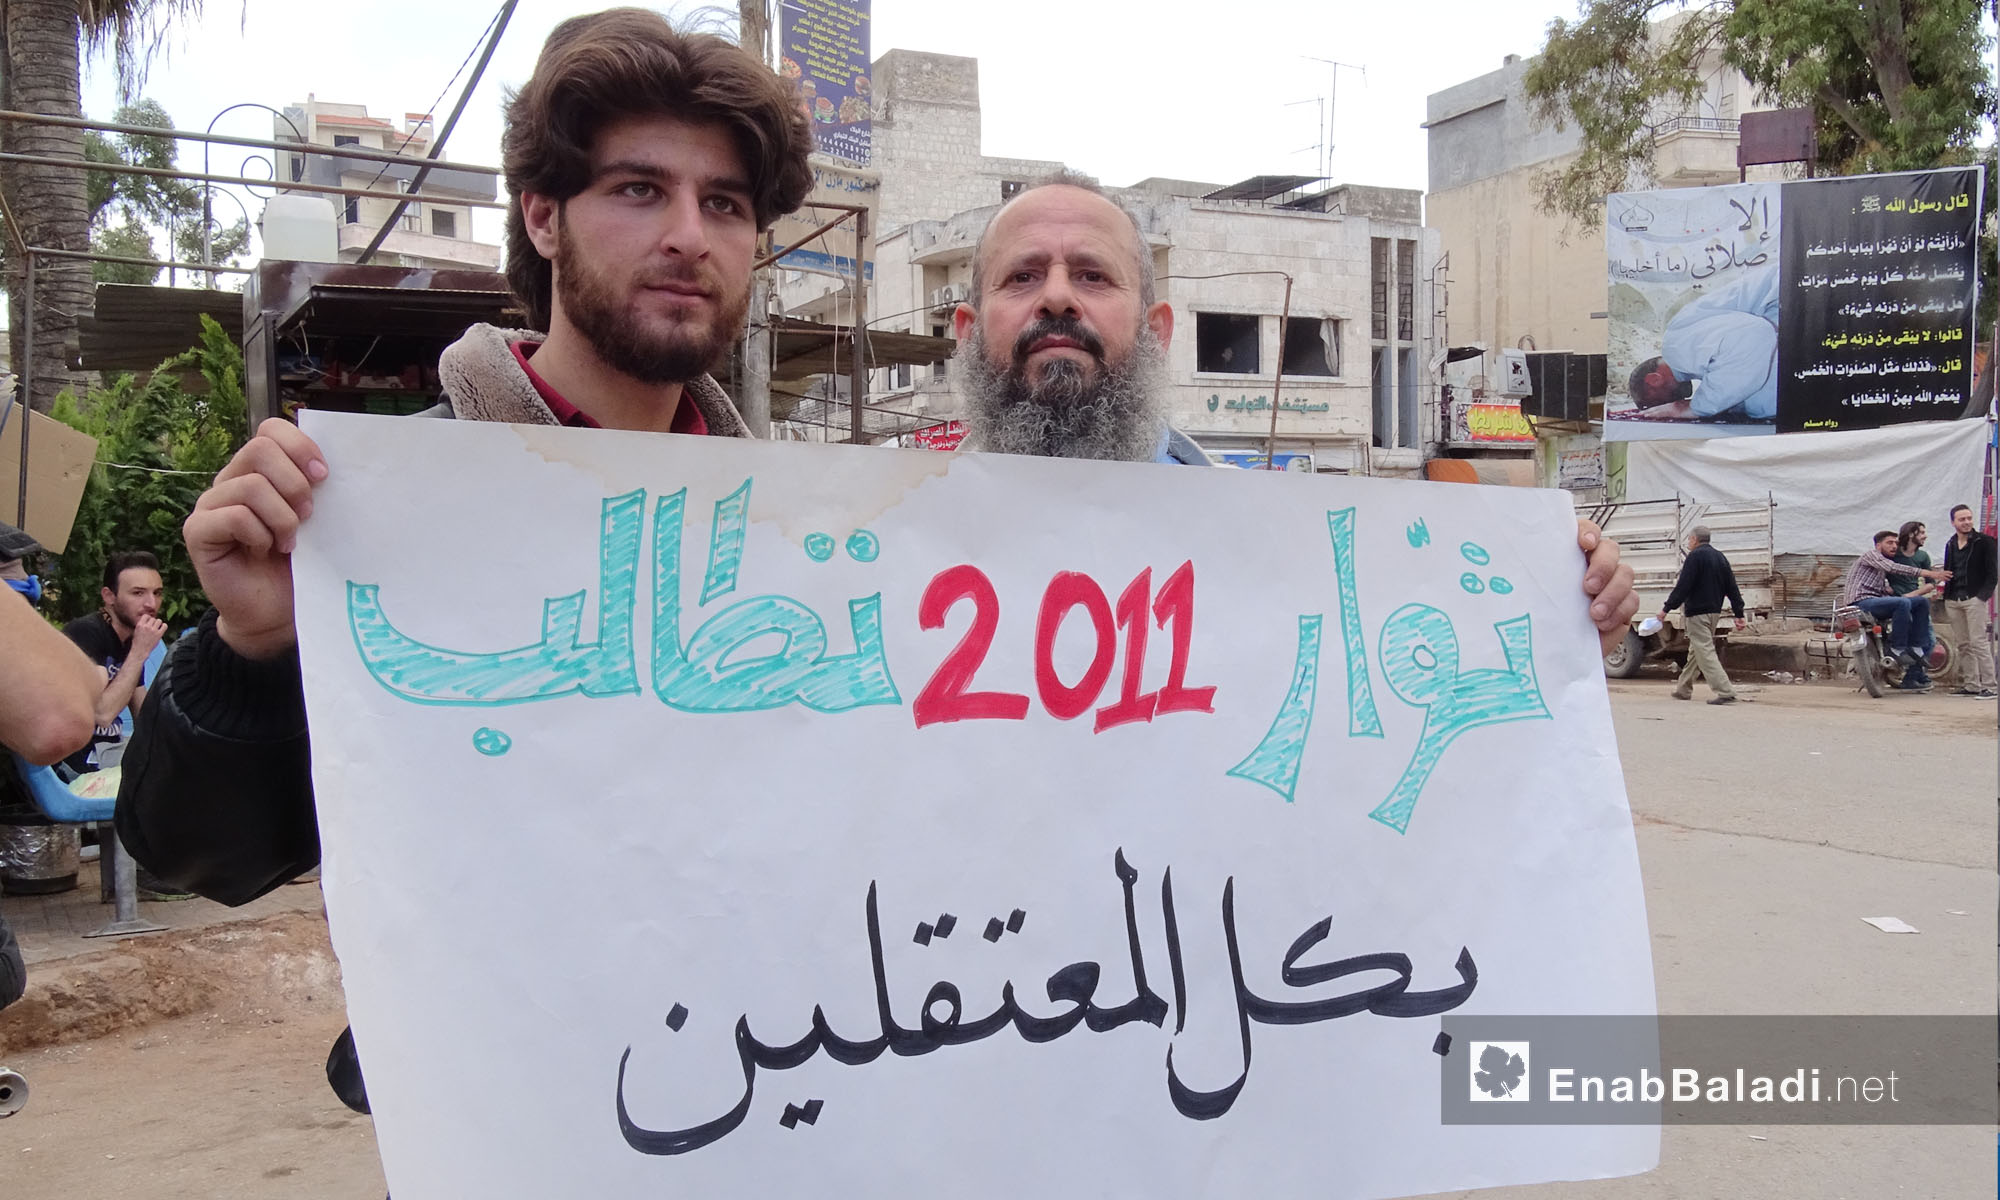 أهالي إدلب يُطالبون بالمعتقلين - 23 نيسان 2017 (عنب بلدي)